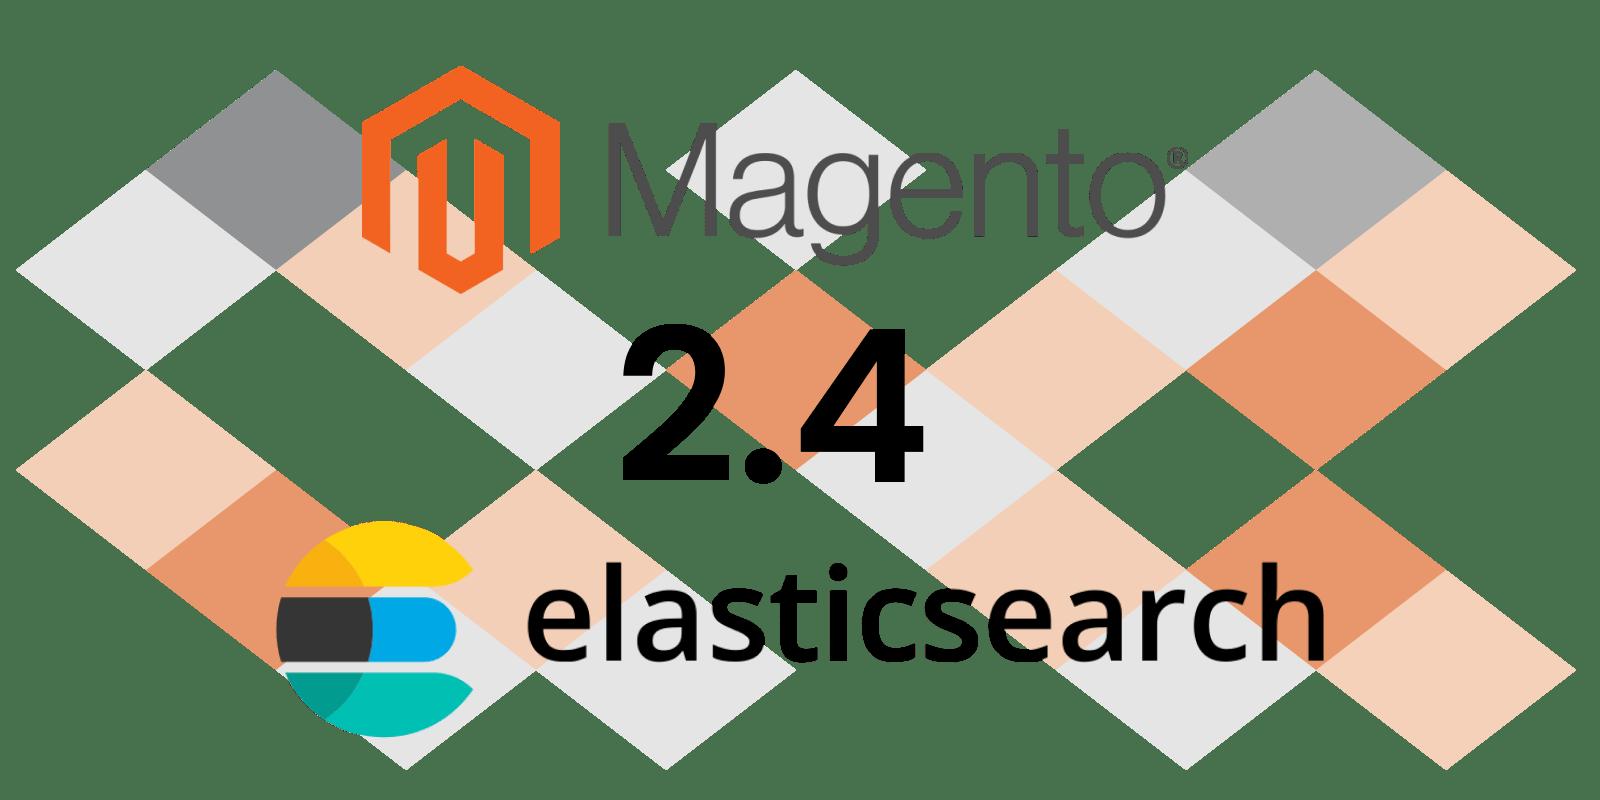 Magento 2.4+ and Elasticsearch